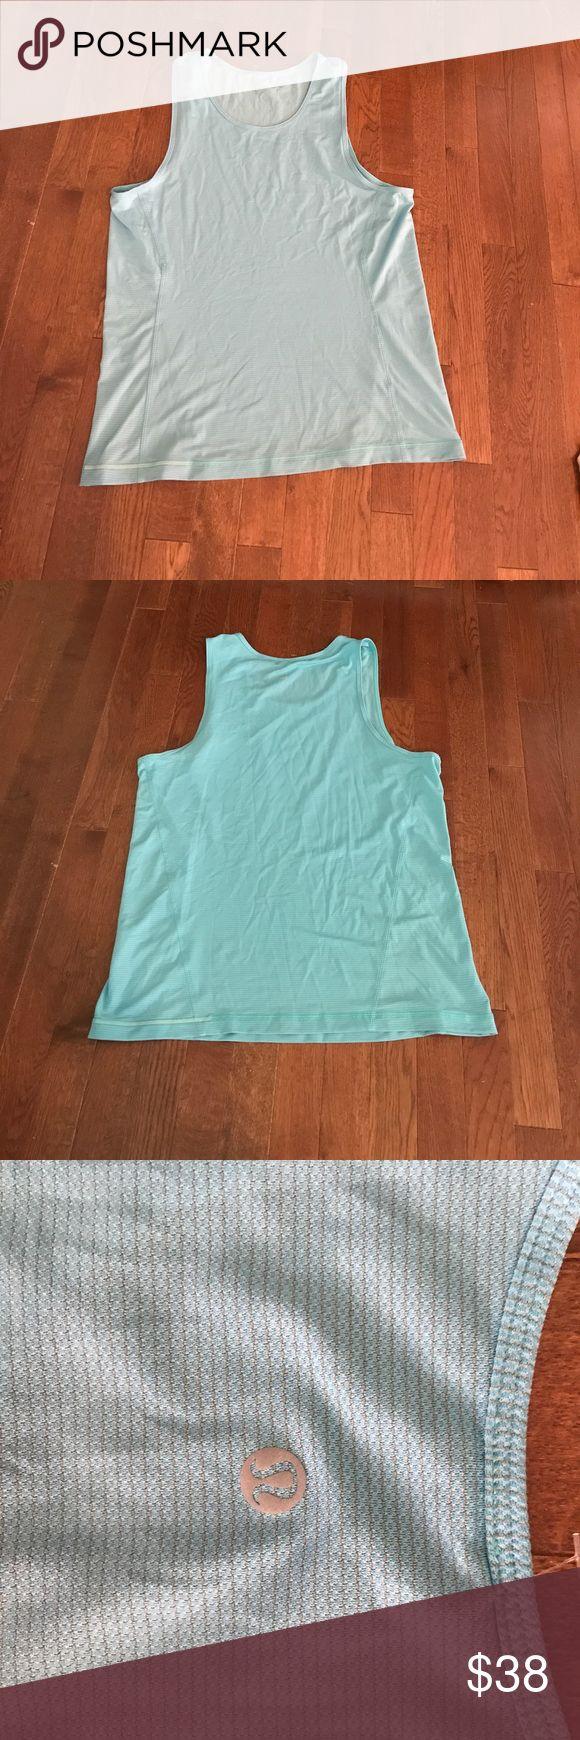 Lululemon Men's Sky Blue Surge Tank Silverescent L Lululemon Men's Sky Blue Surge Tank Silverescent L. Excellent condition lululemon athletica Shirts